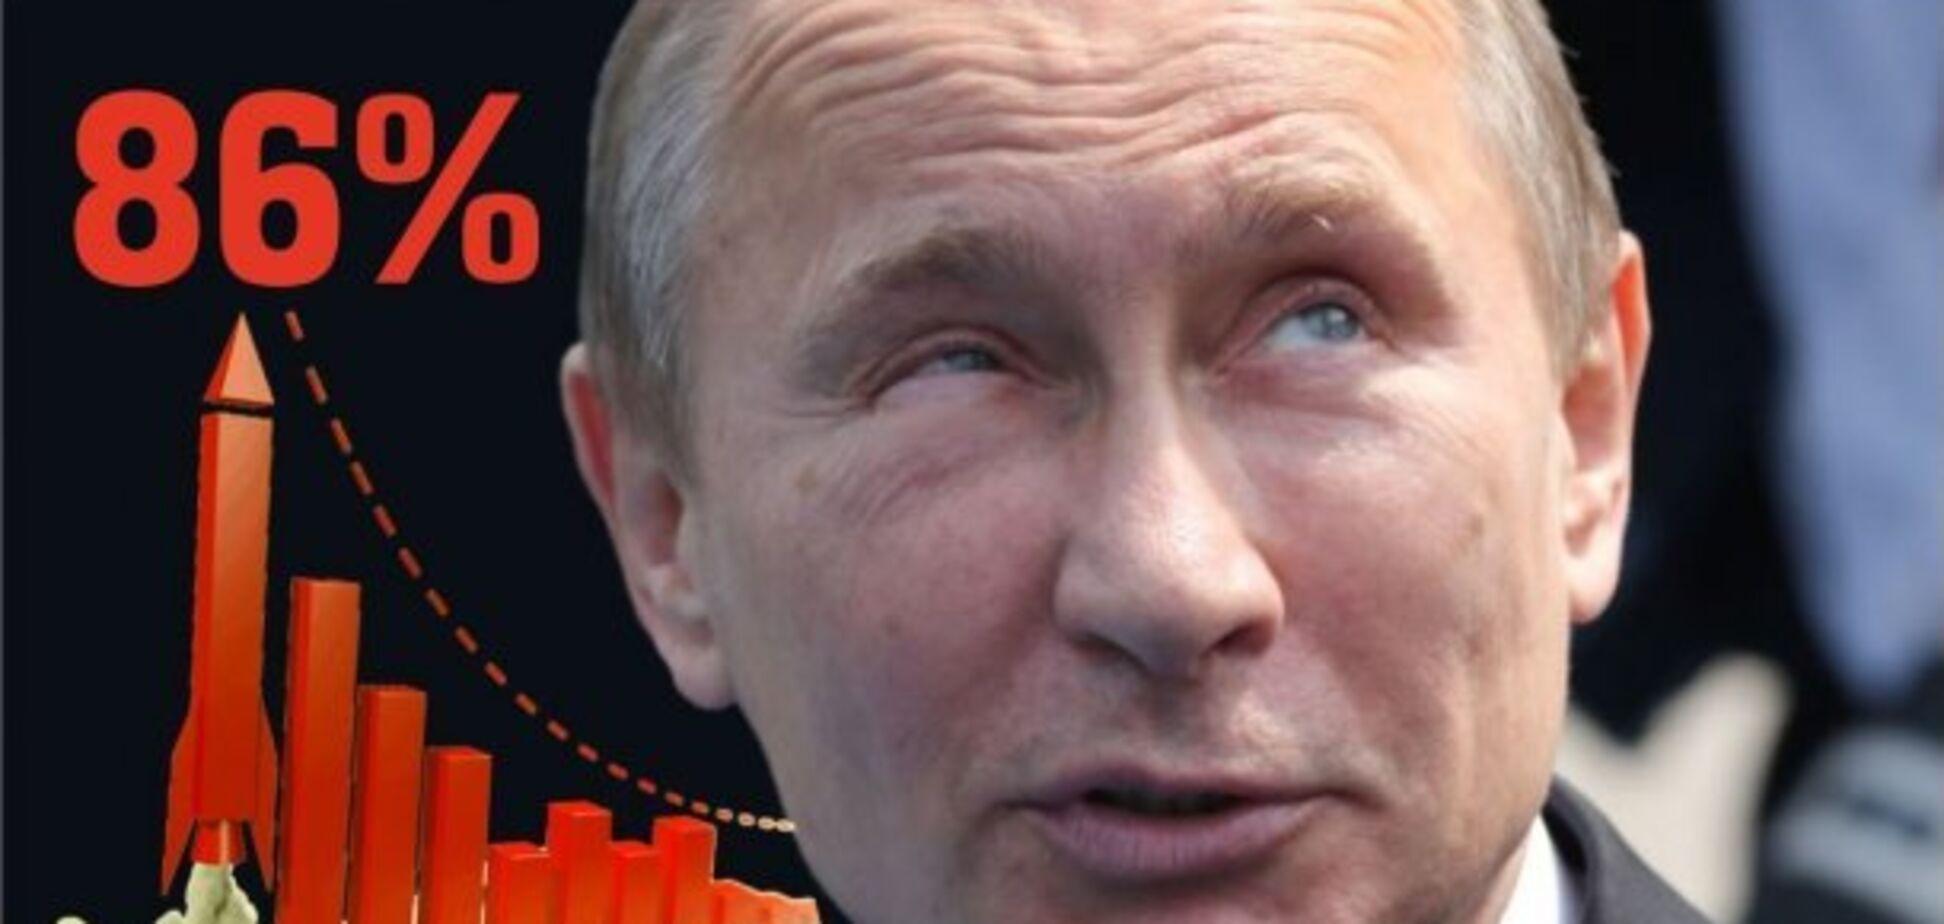 'Россияне медленно прозревают': в падении рейтинга Путина нашелся интересный нюанс